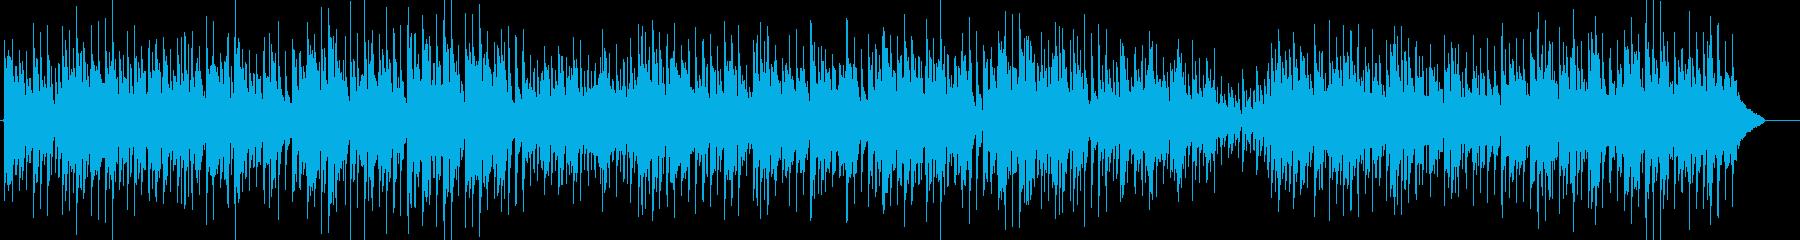 かわいいカントリー 草競馬 アコギの再生済みの波形